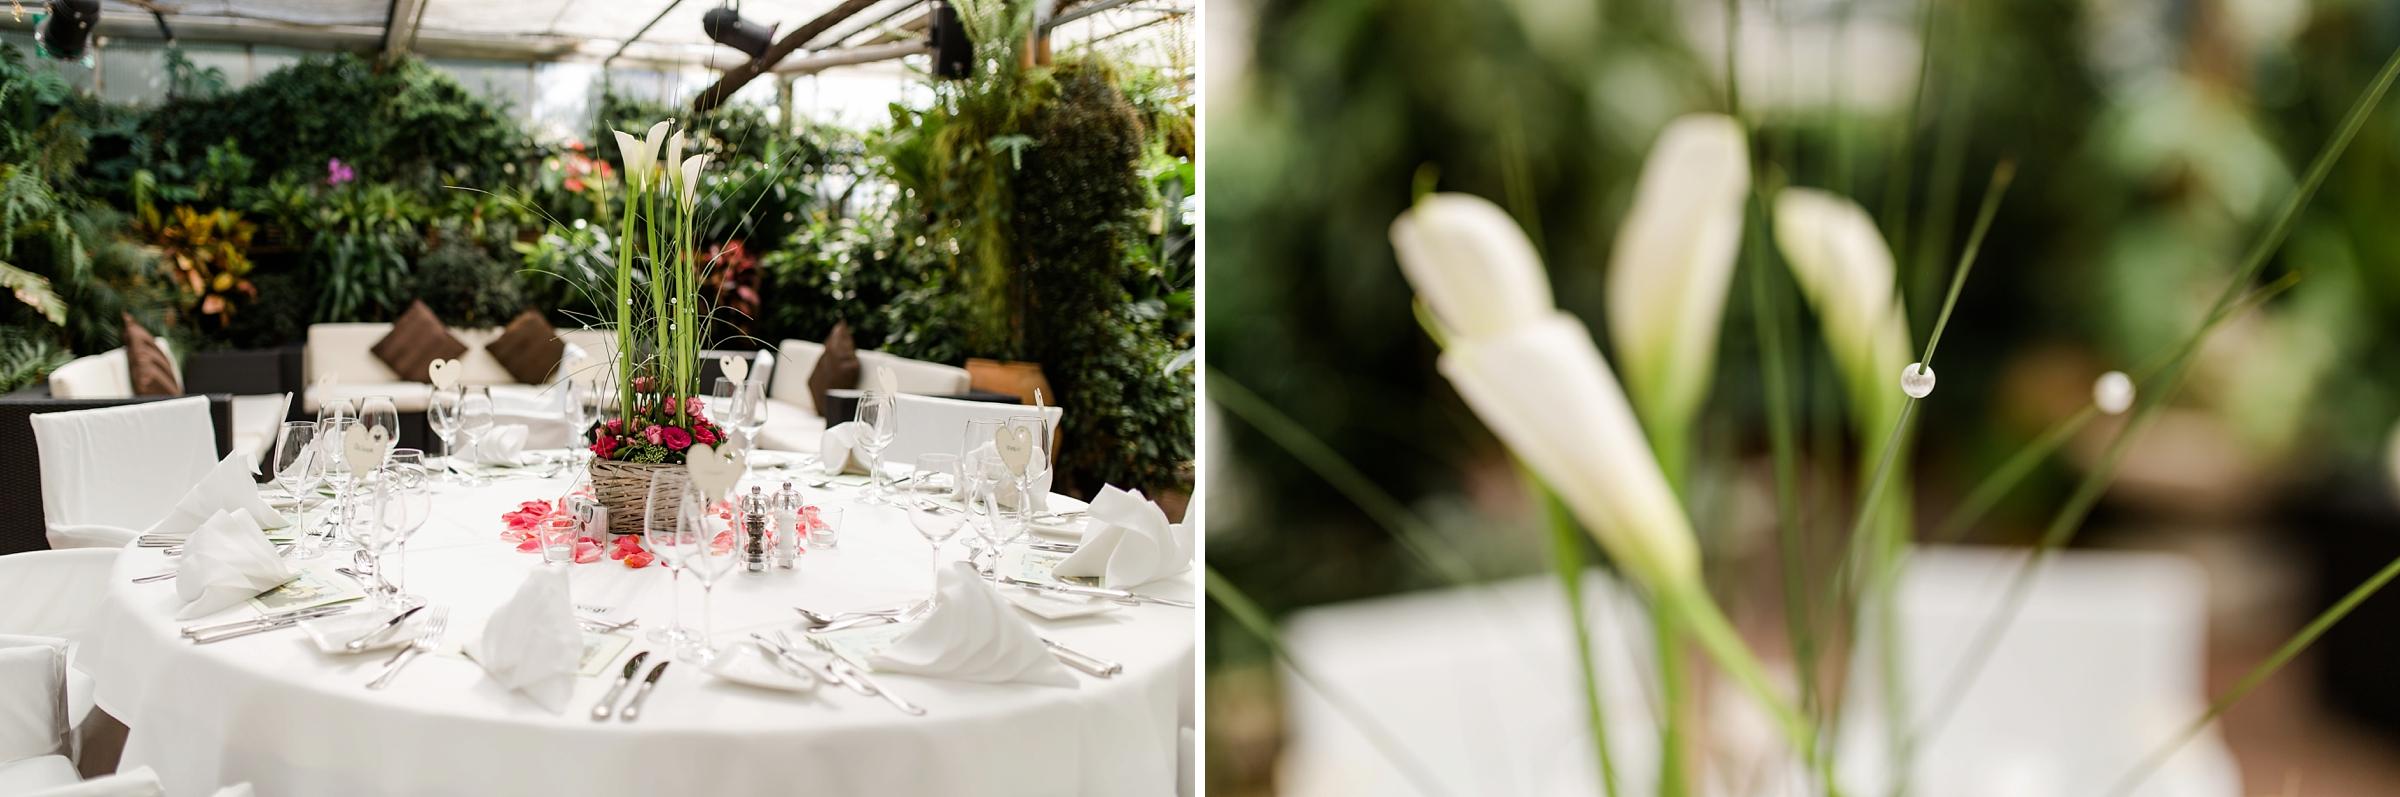 Hochzeitsfotograf-Zuerich-Giardino-Verde-Uitikon-Blumenschmuck-Tischdeko